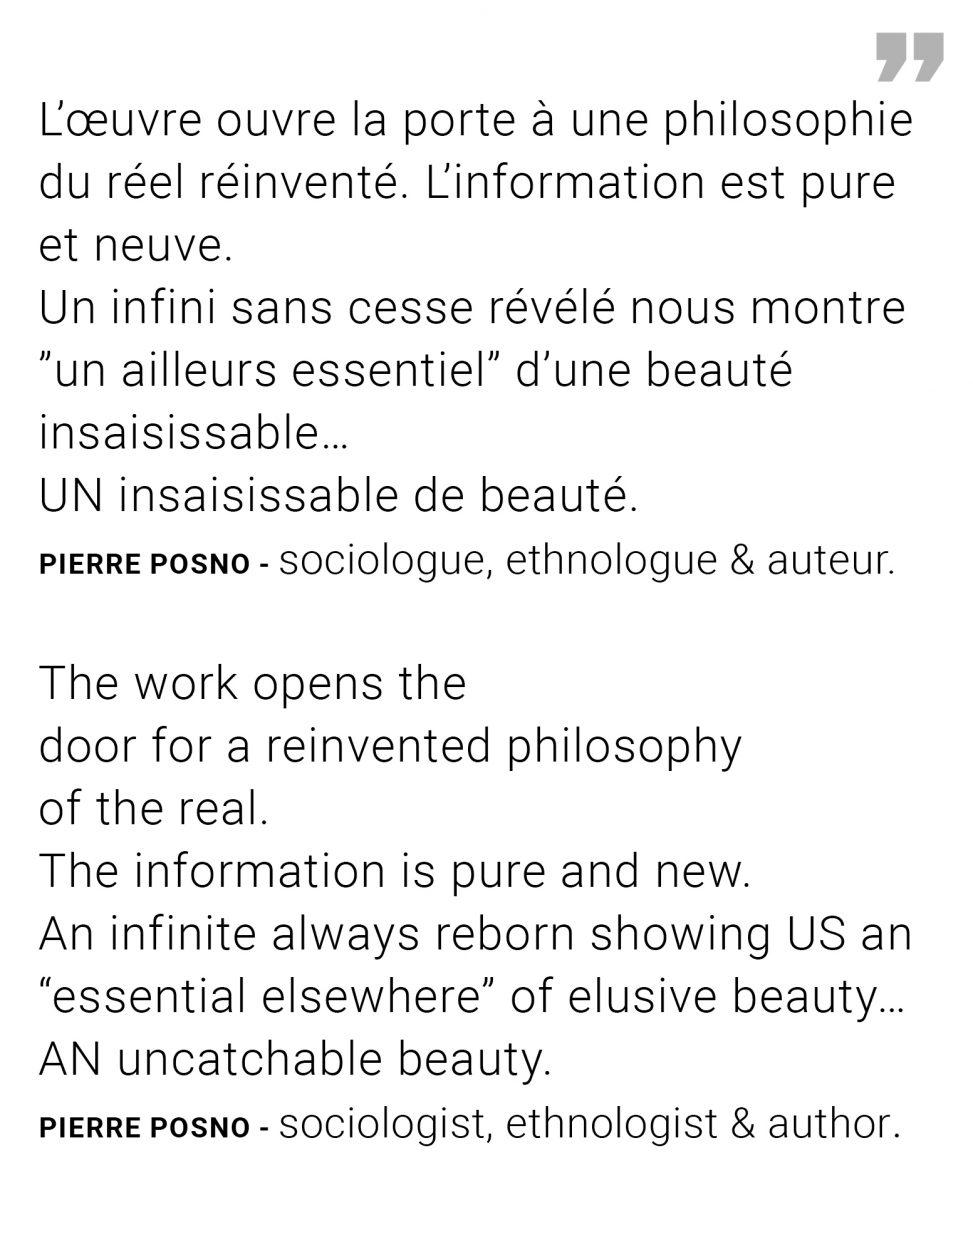 Pierre Posno sociologist ethnologist & author - Quote exhibition Ode à la pluie